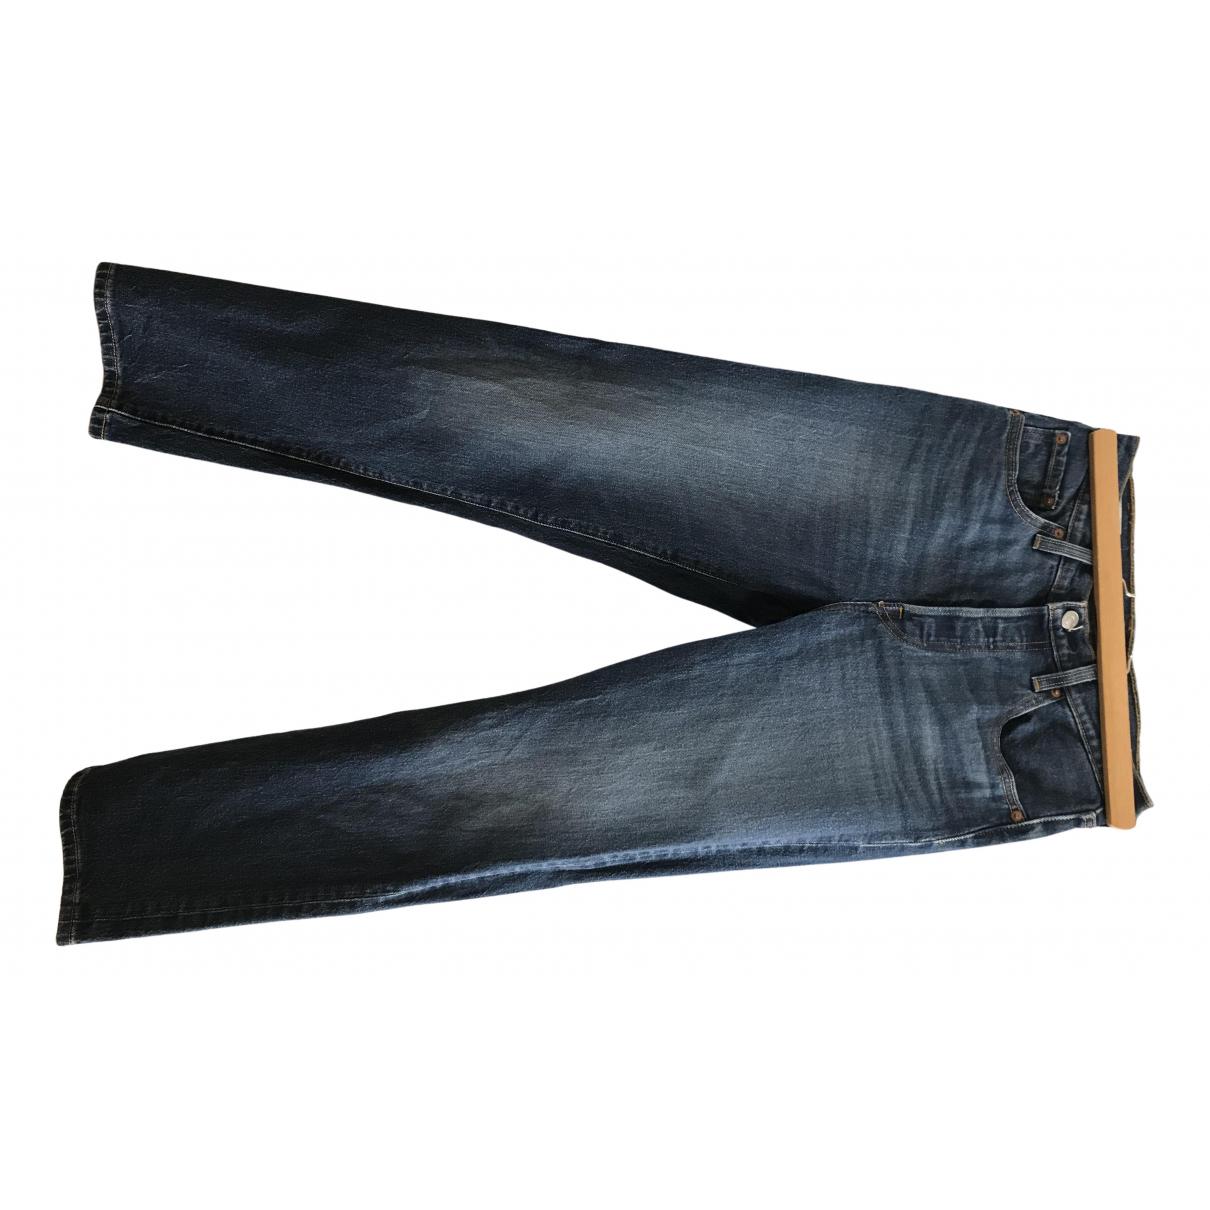 Levi's 501 Navy Denim - Jeans Jeans for Women 35 FR